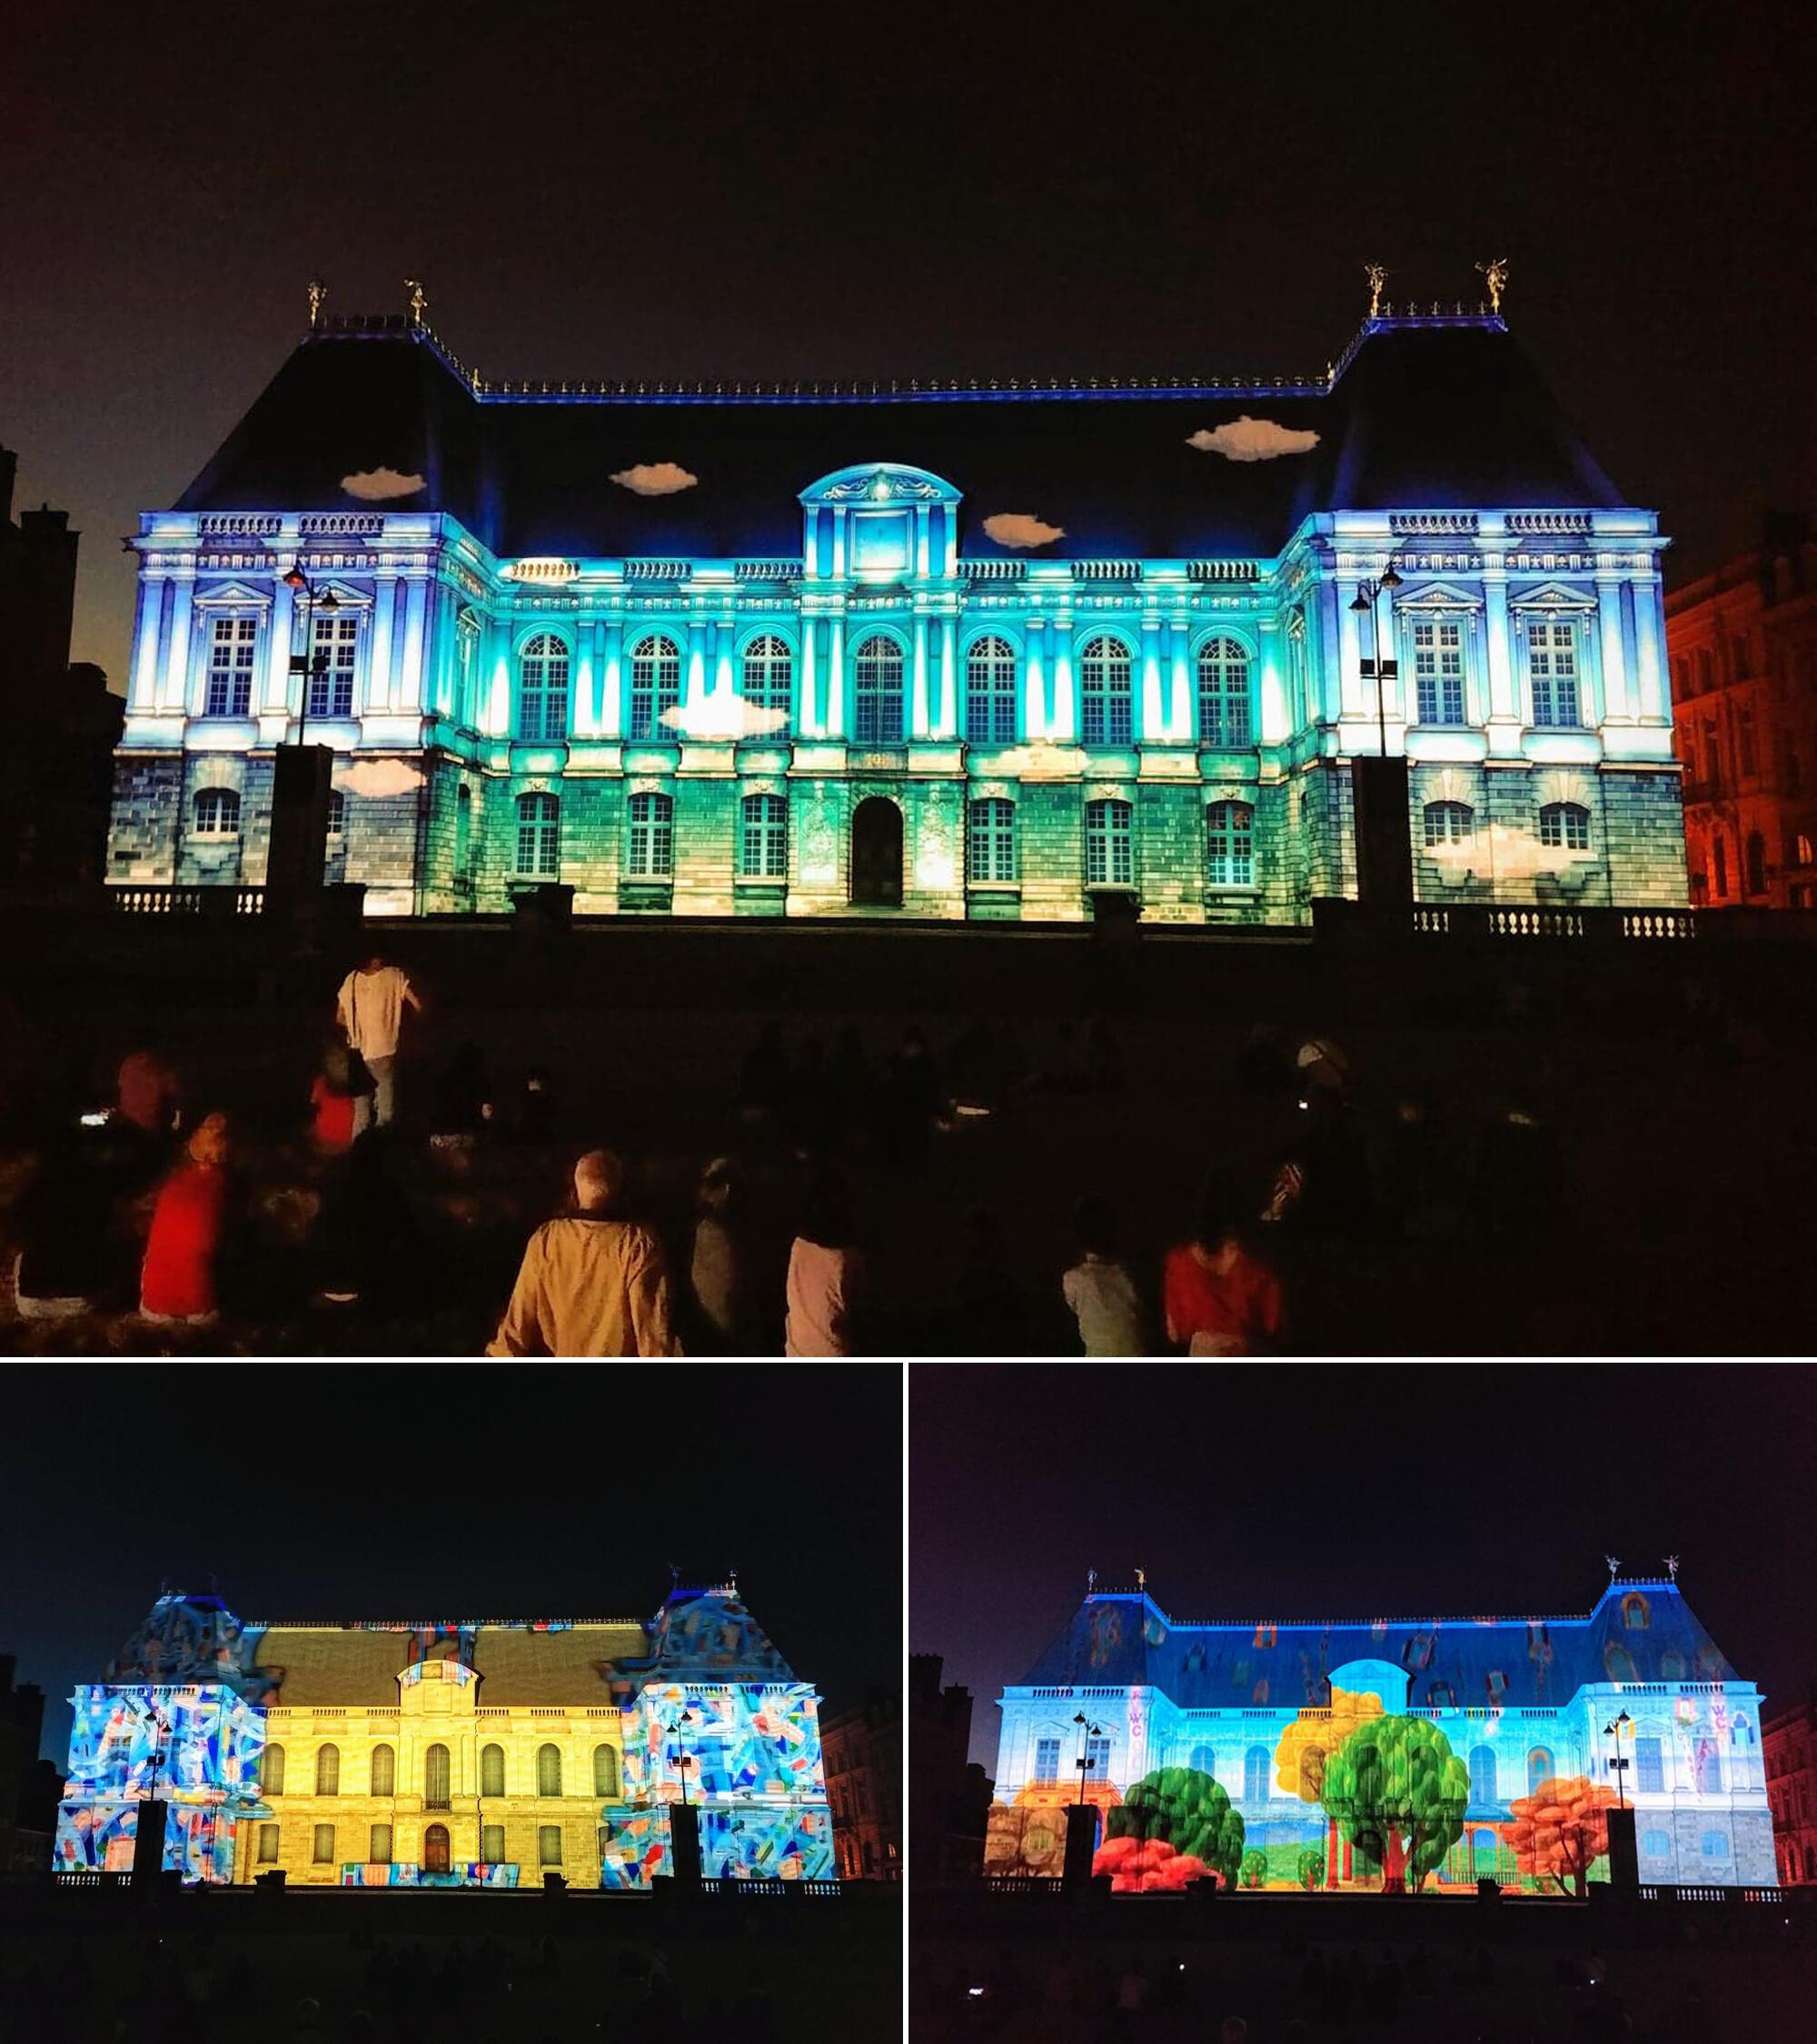 Công trình Nghị Viện Bretagne càng cổ xưa, nghệ thuật chiếu video lên toà nhà lại càng tân thời hiện đại